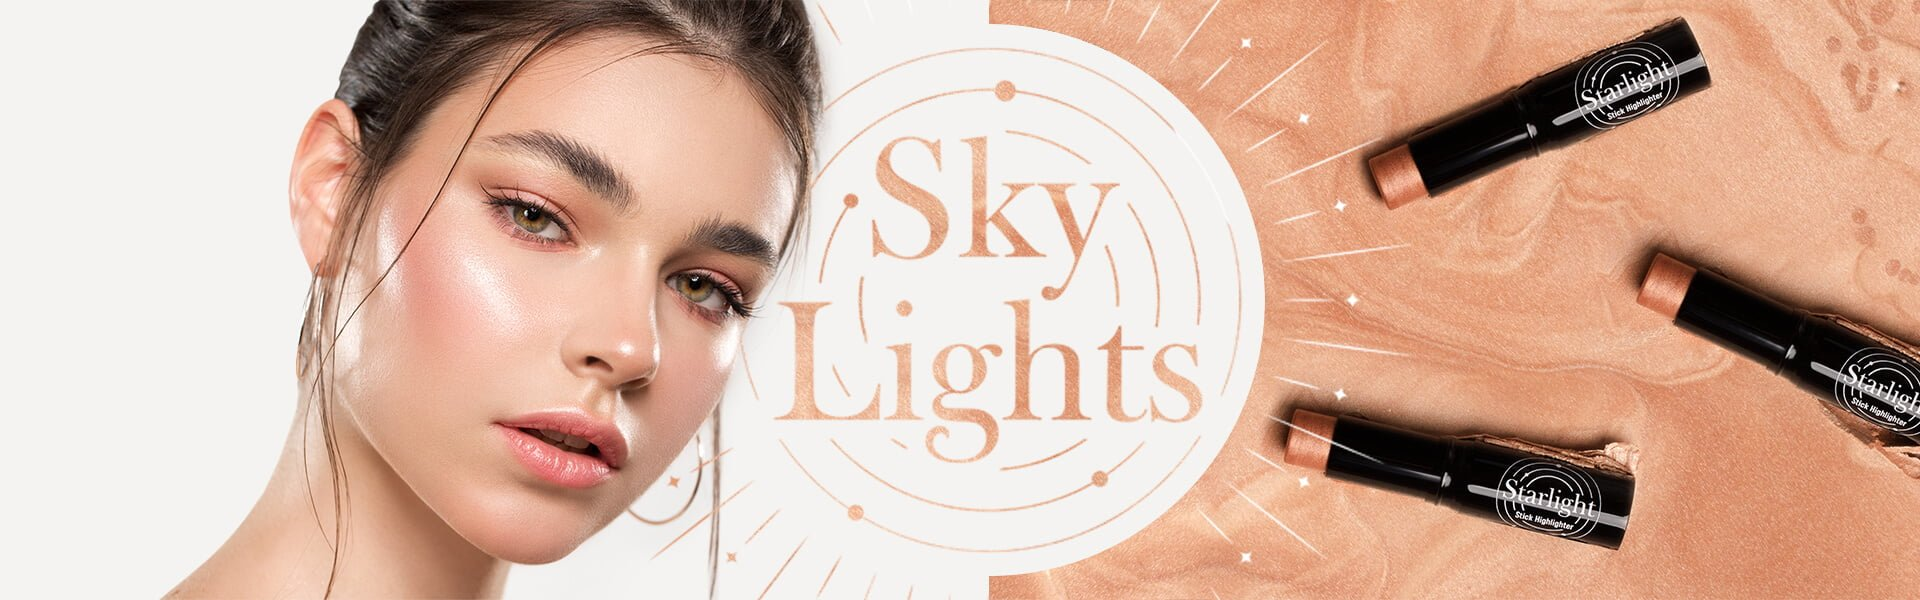 Inglot Starlight Stick Highlighter